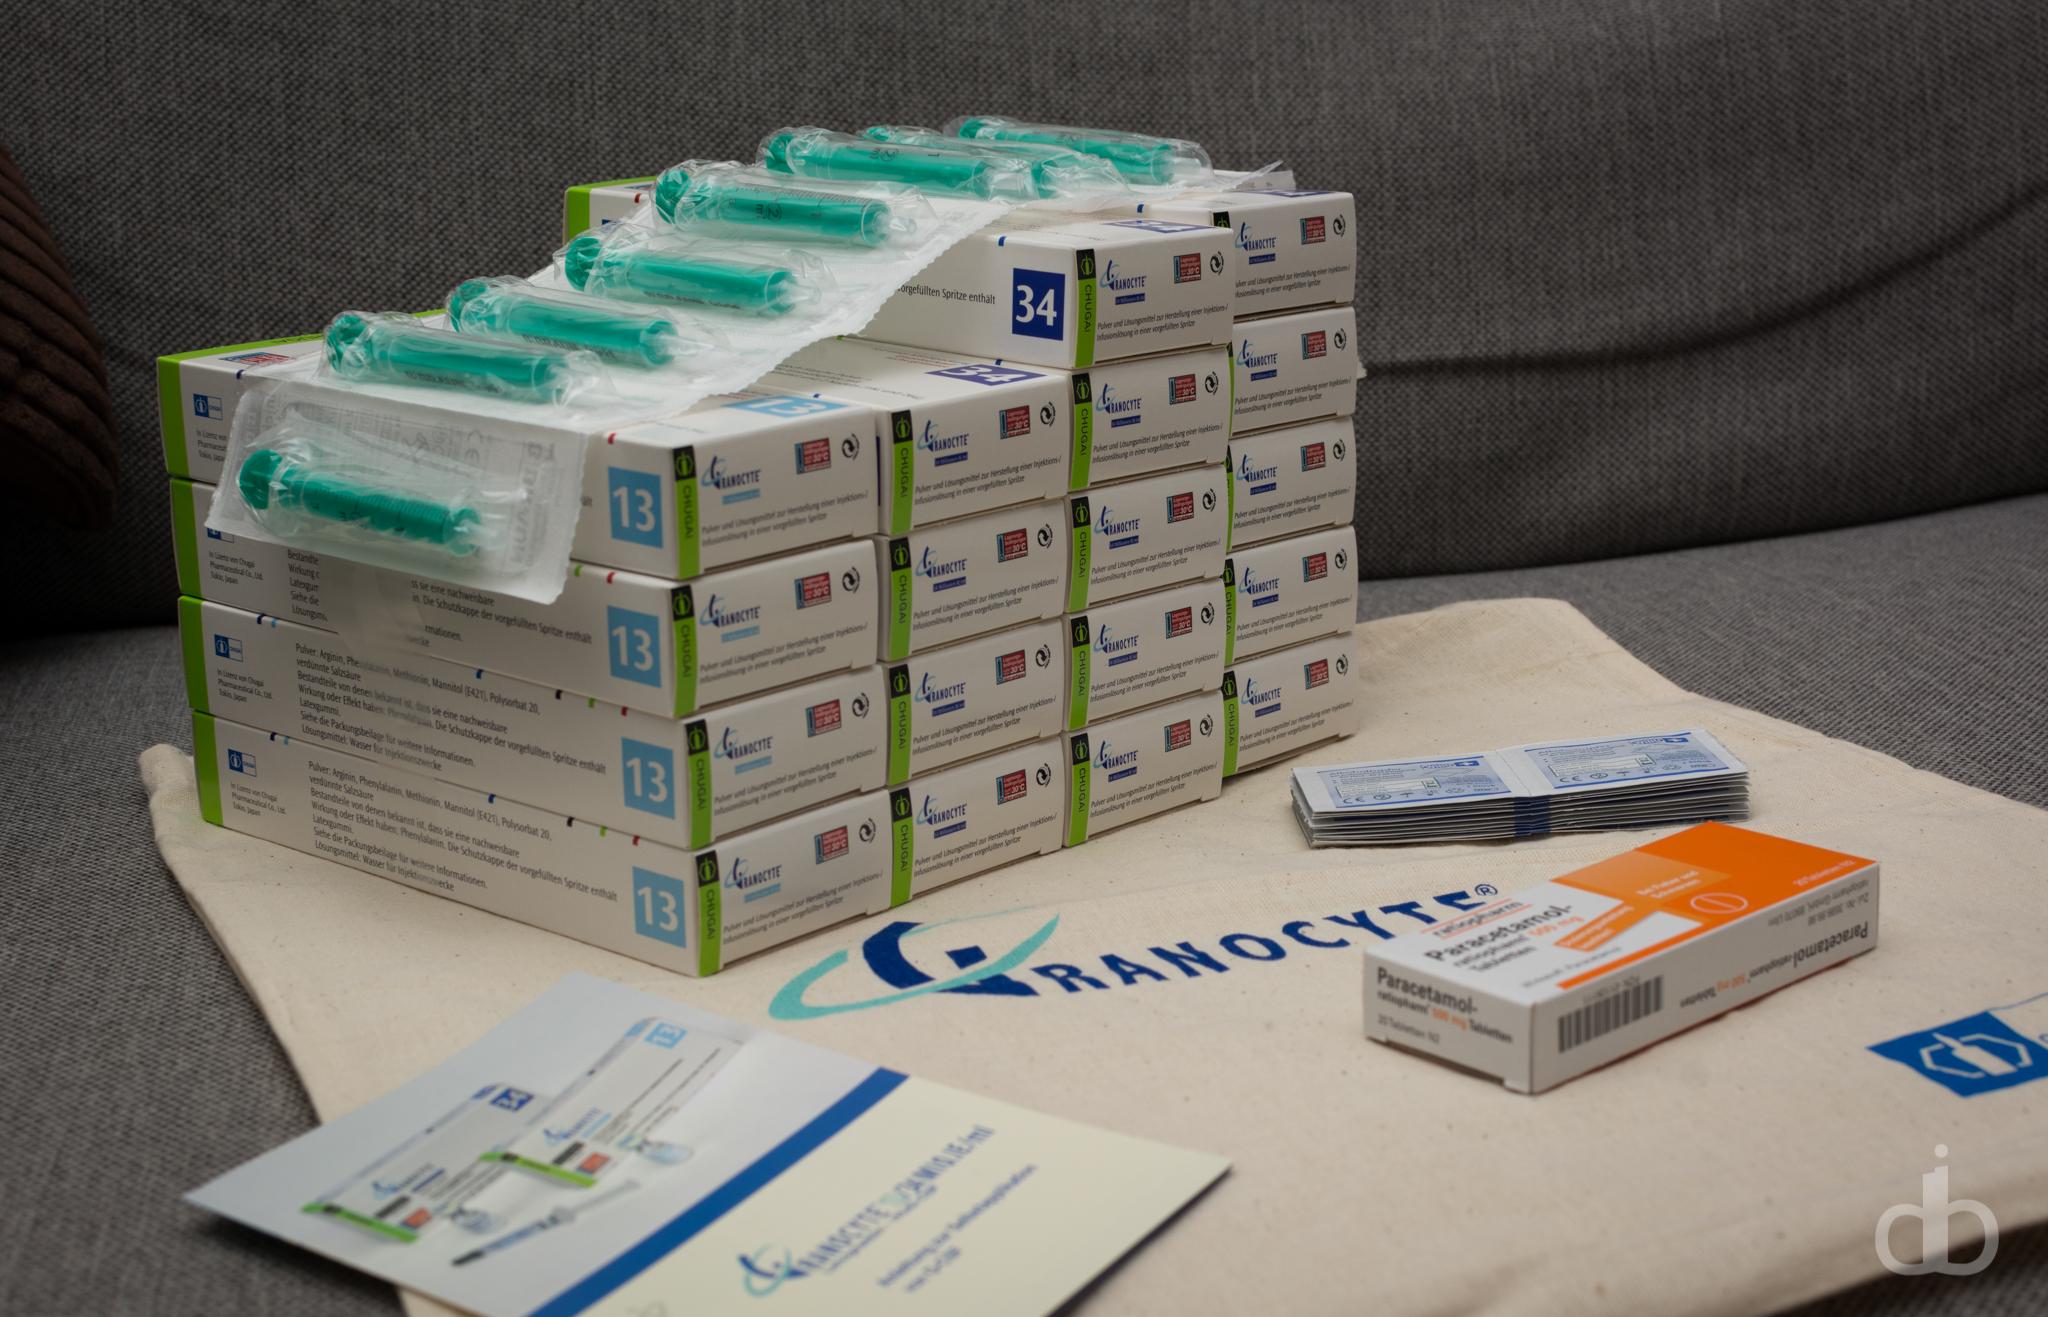 Medikamentensammlung von Granocyte, Alkoholtupfern, Paracetamol und einer Broschüre zur Verabreichung von Granocyte